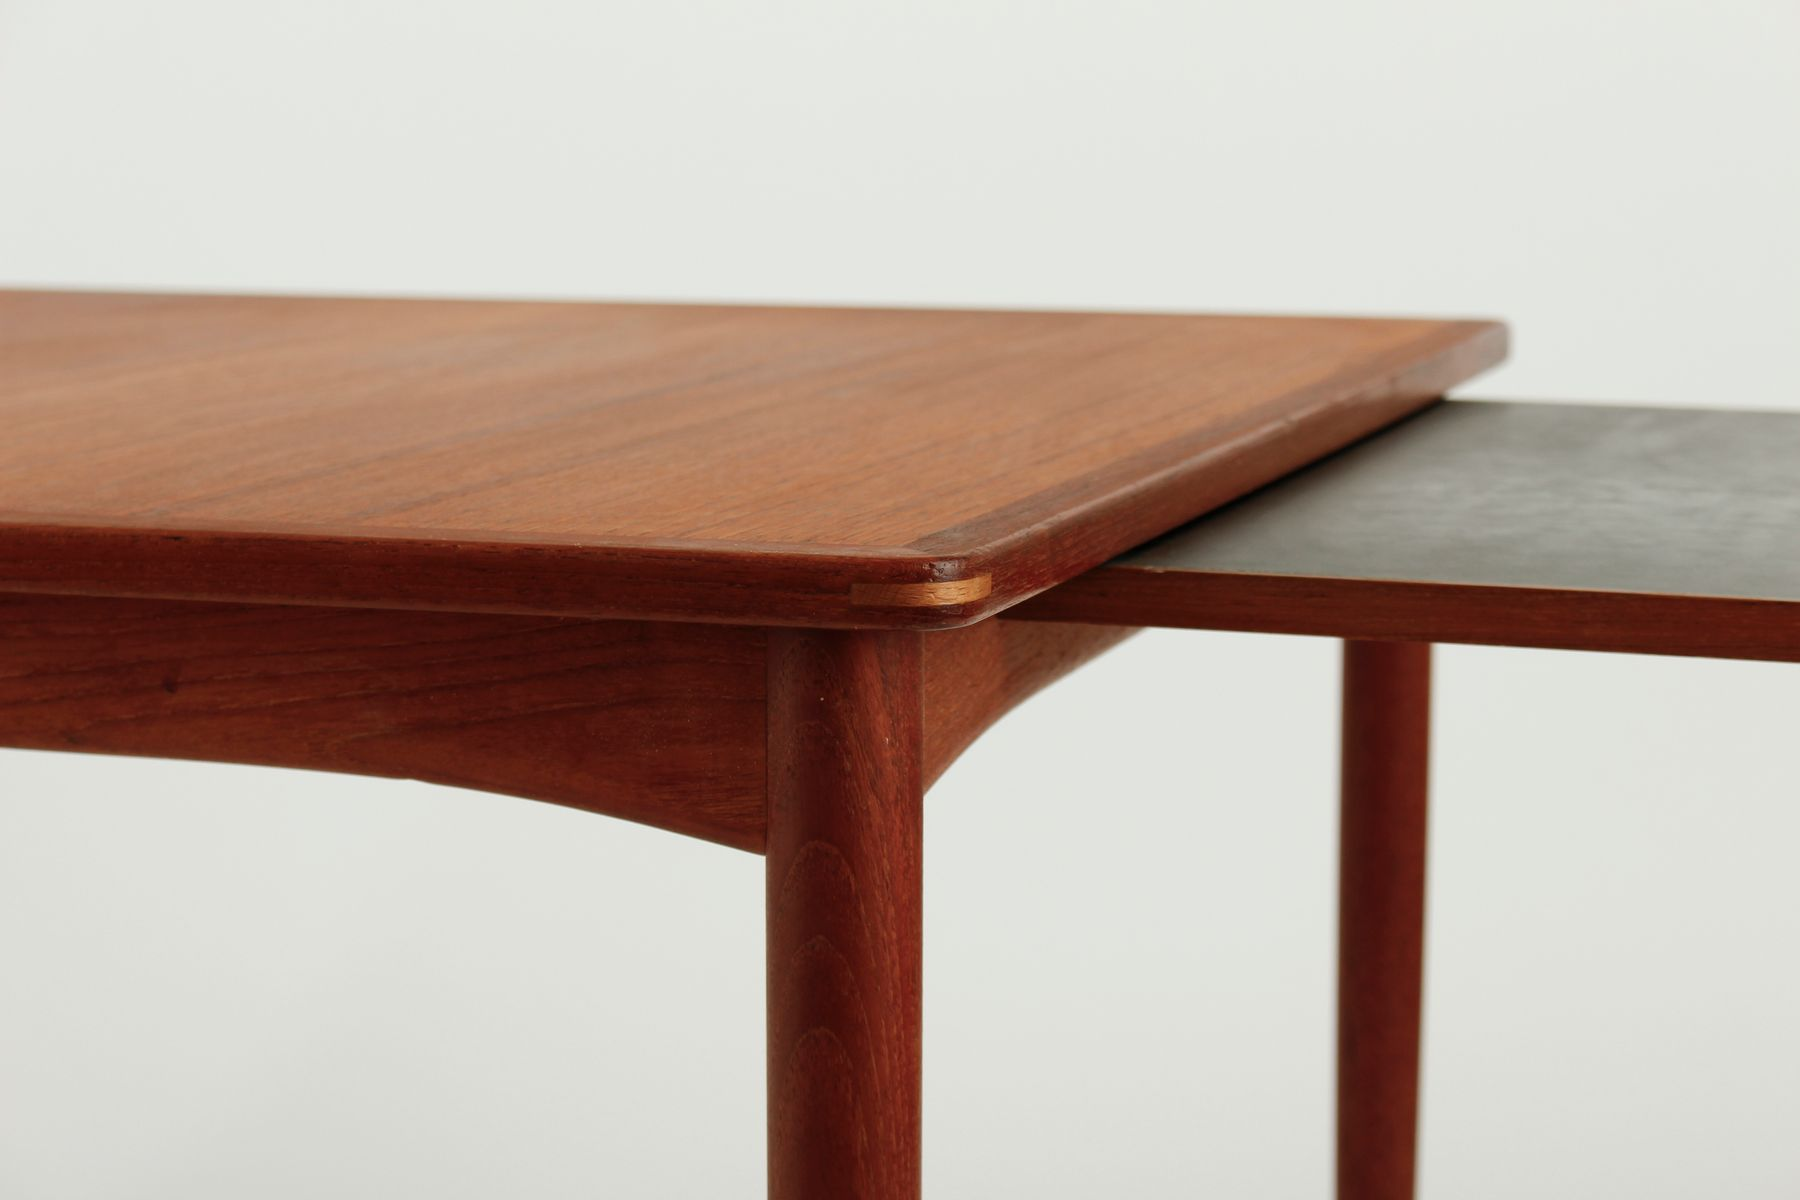 schwedischer couchtisch mit ausziehbarer platte 1950er bei pamono kaufen. Black Bedroom Furniture Sets. Home Design Ideas